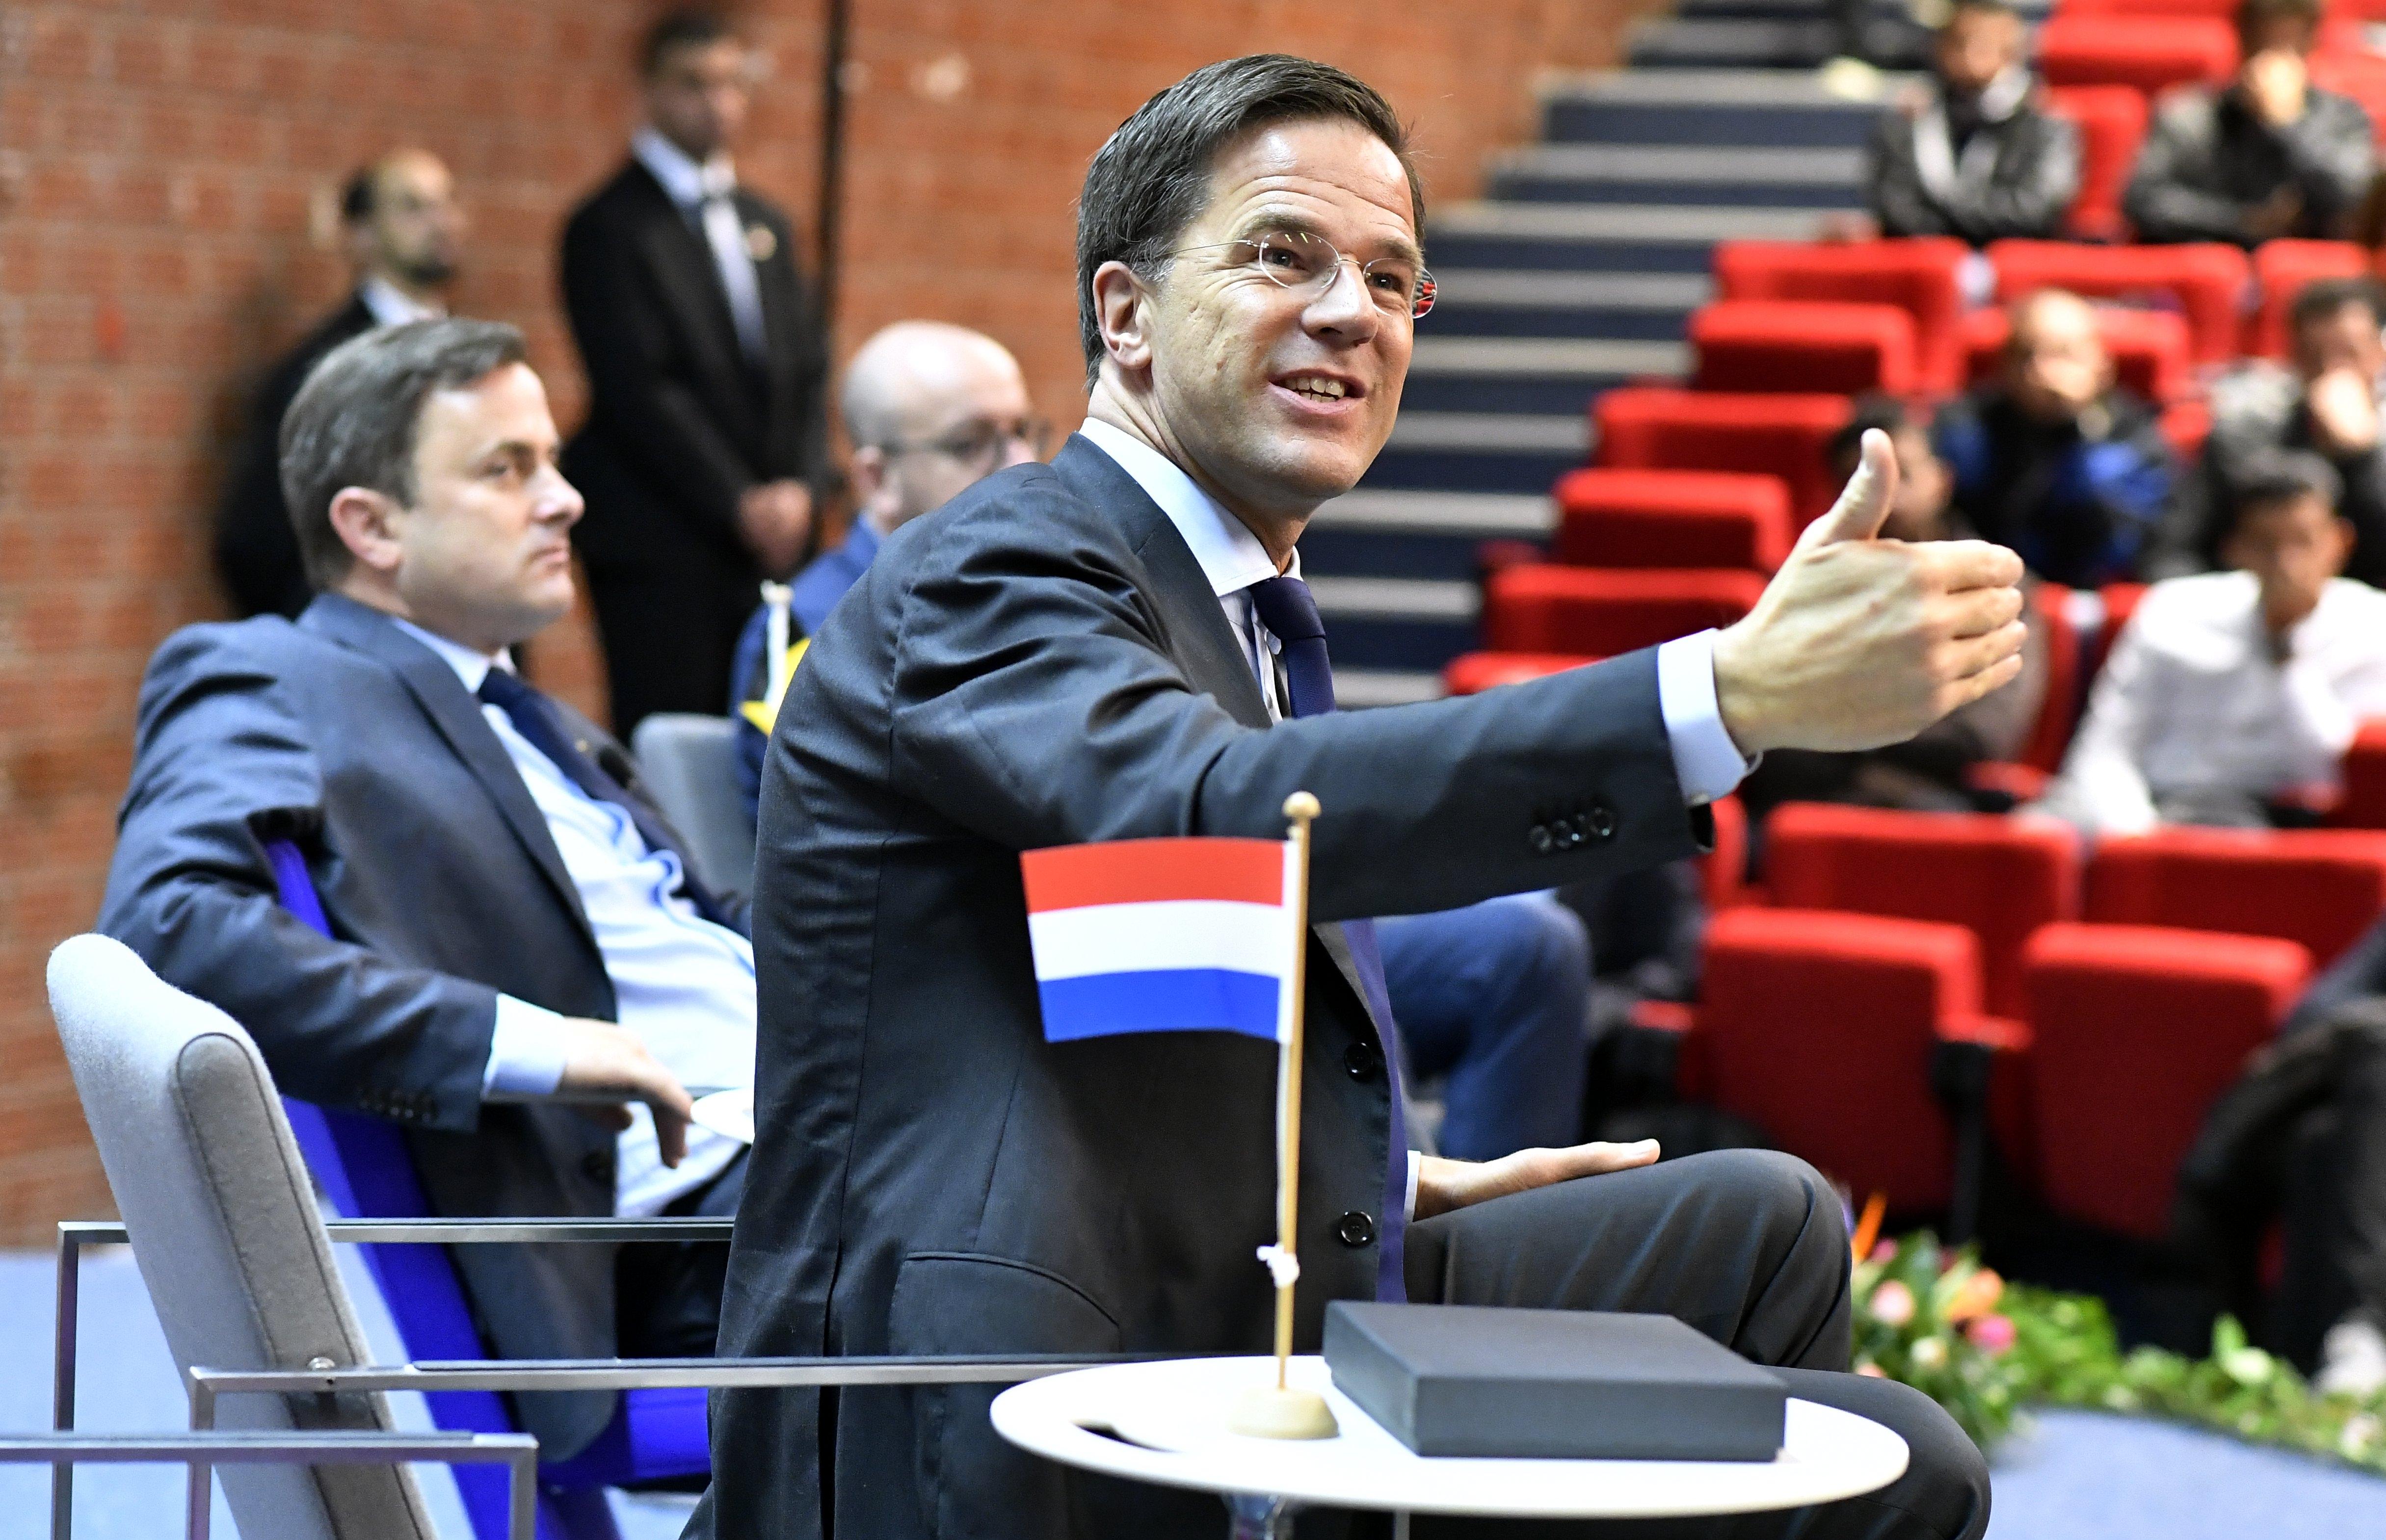 Lemondott, zavargások voltak, mégis jó eséllyel megint holland miniszterelnök lesz